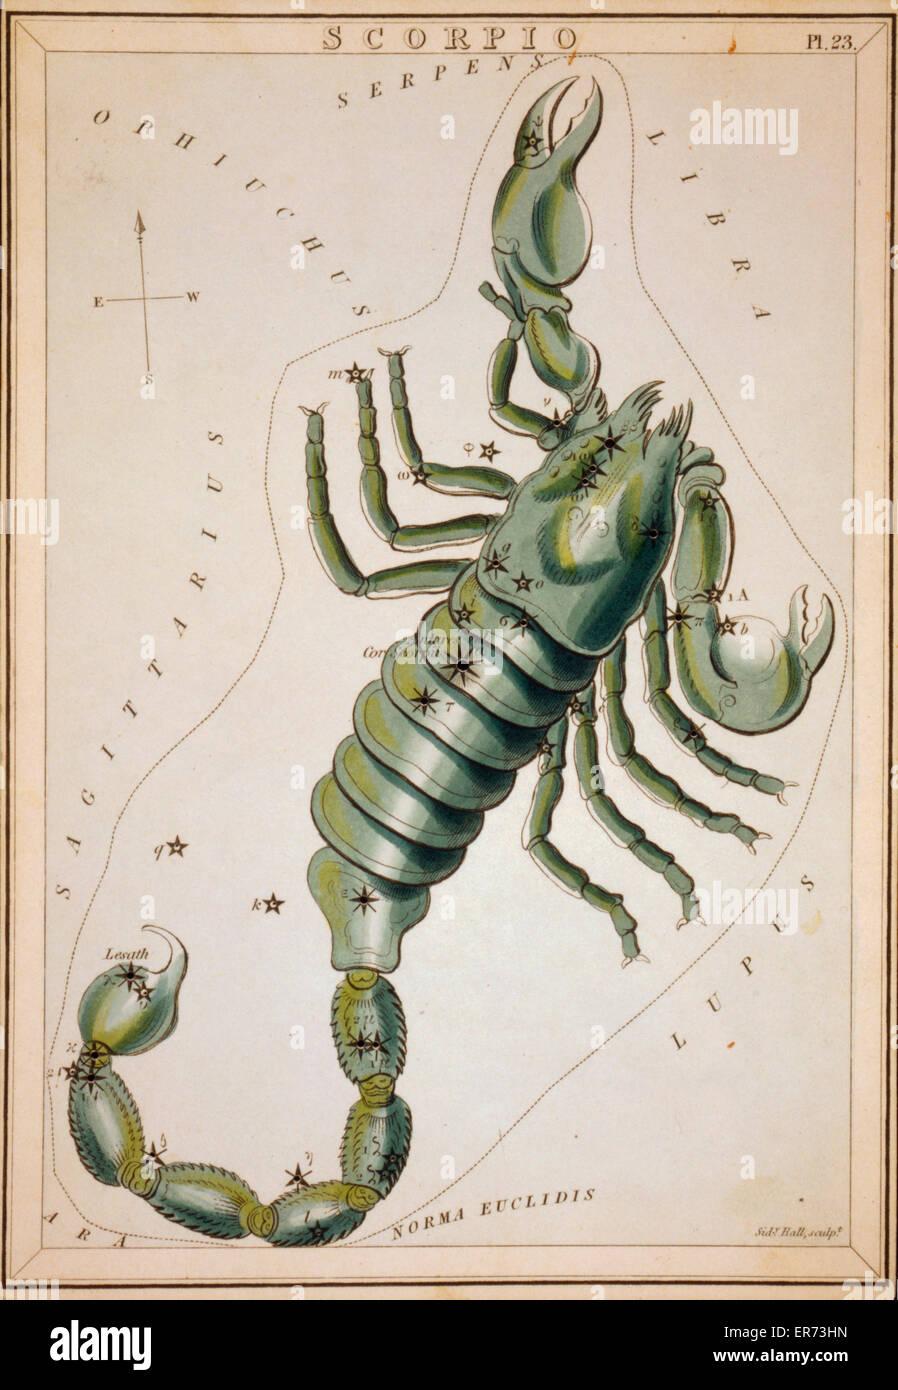 skorpion datum